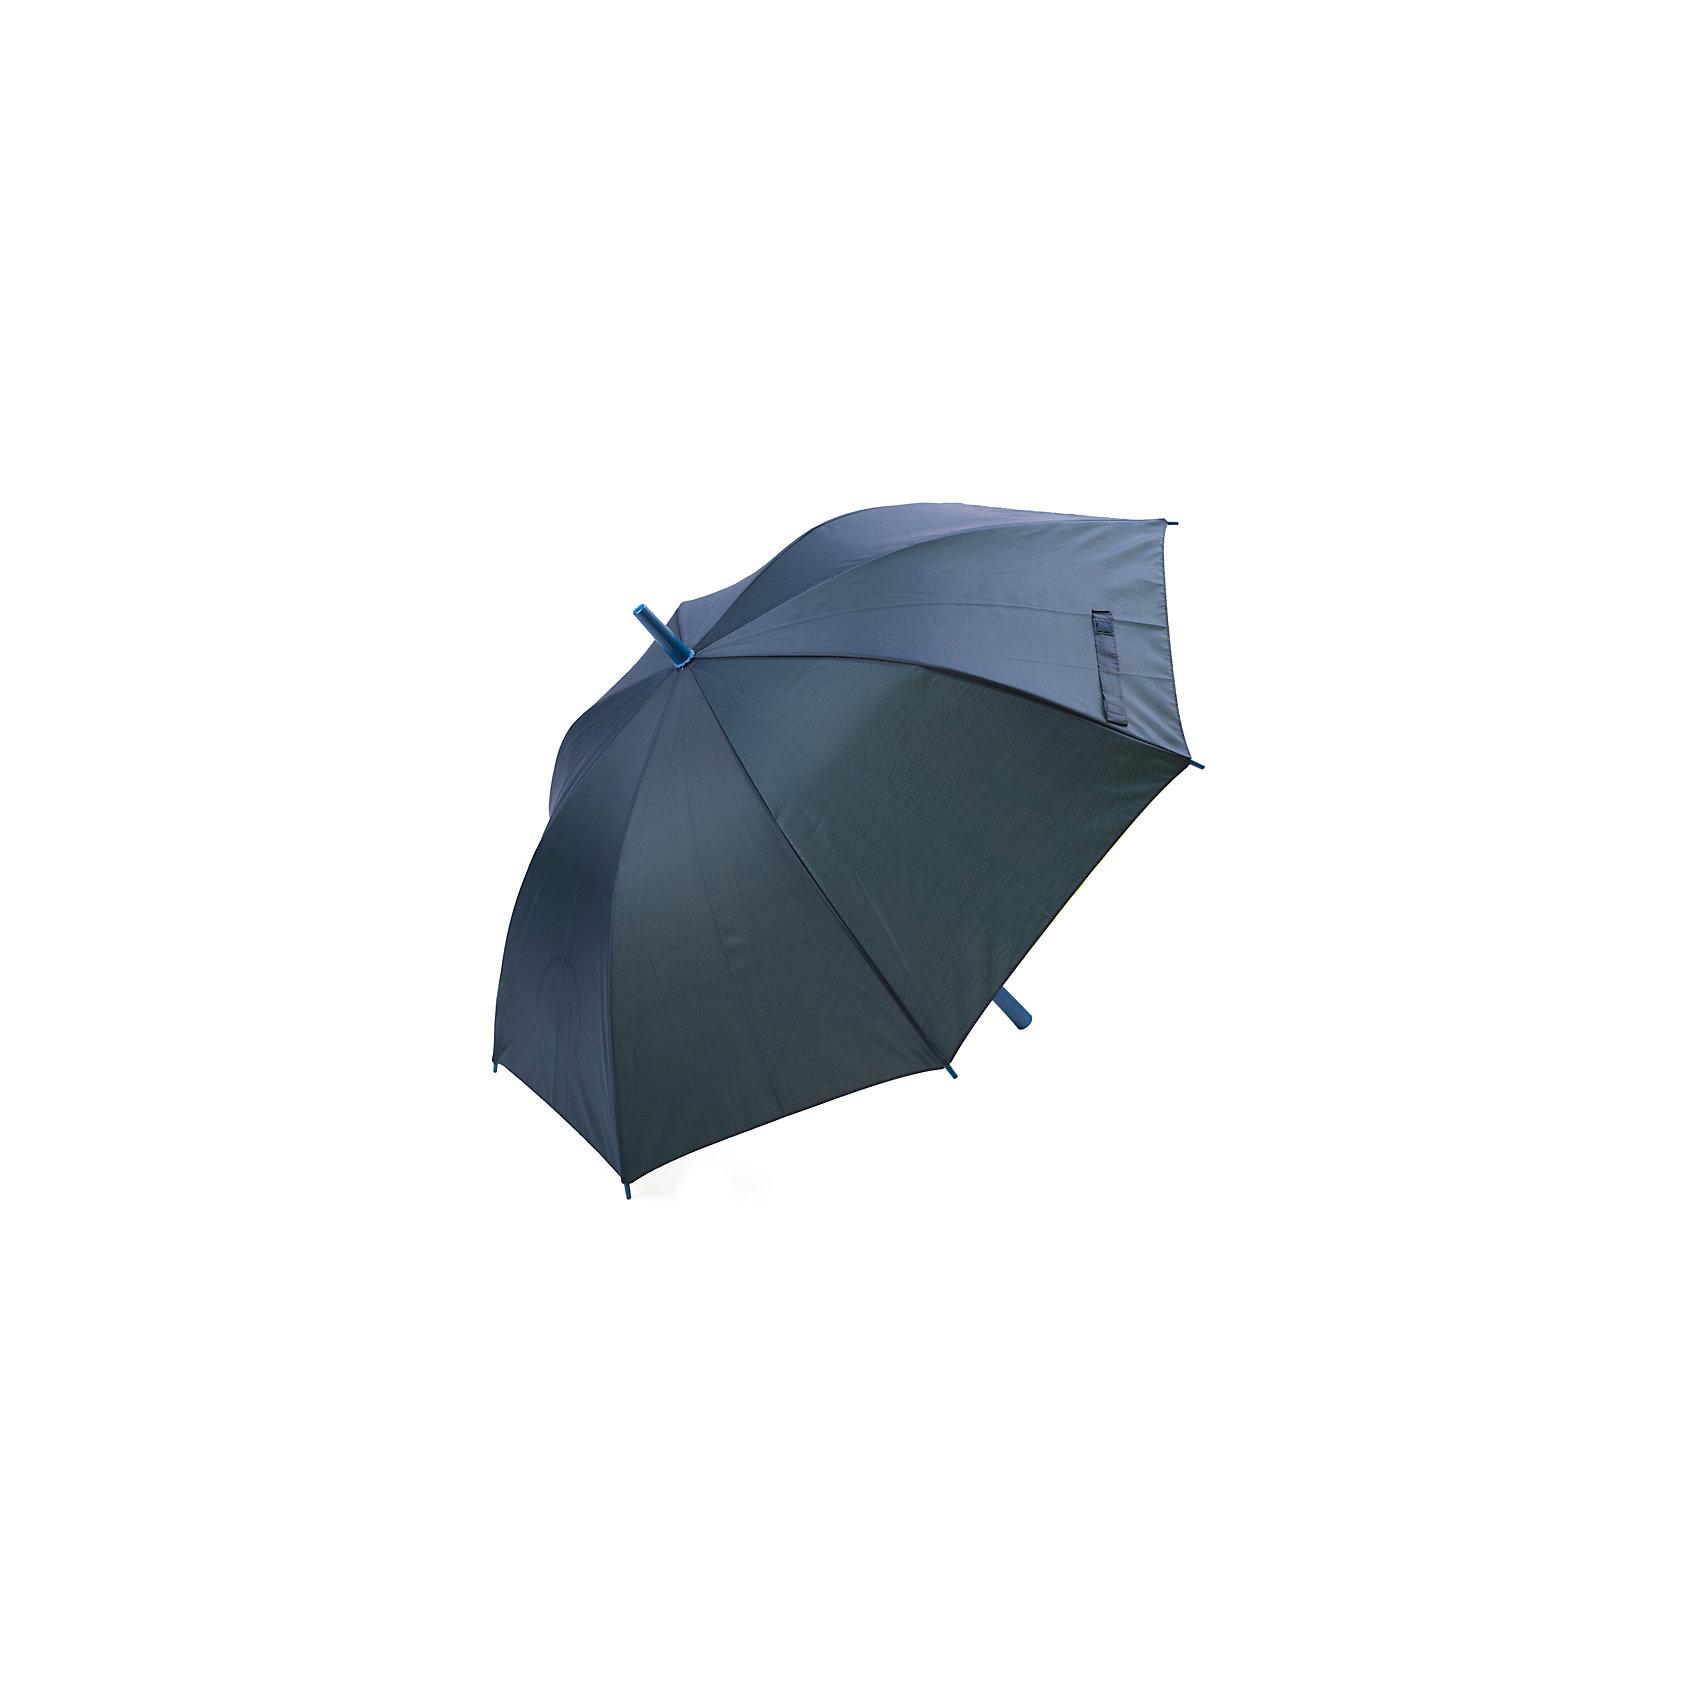 Зонт для мальчика ScoolАксессуары<br>Зонт для мальчика Scool<br>Этот зонтик обязательно понравится Вашему ребенку! Оснащен специальной безопасной системой открывания и закрывания. Материал каркаса ветроустойчивый. Концы спиц снабжены пластмассовыми наконечниками для защиты от травм. Такой зонт идеально подойдет для прогулок в дождливую погоду.Преимущества: Оснащен специальной безопасной системой открывания и закрыванияКонцы спиц снабжены пластмассовыми наконечниками для защиты от травм<br>Состав:<br>Каркас: 100:сталь; Купол: 100%полиэстер; Ручка:100% АБС пластик<br><br>Ширина мм: 170<br>Глубина мм: 157<br>Высота мм: 67<br>Вес г: 117<br>Цвет: разноцветный<br>Возраст от месяцев: 96<br>Возраст до месяцев: 1188<br>Пол: Мужской<br>Возраст: Детский<br>Размер: one size<br>SKU: 5406853